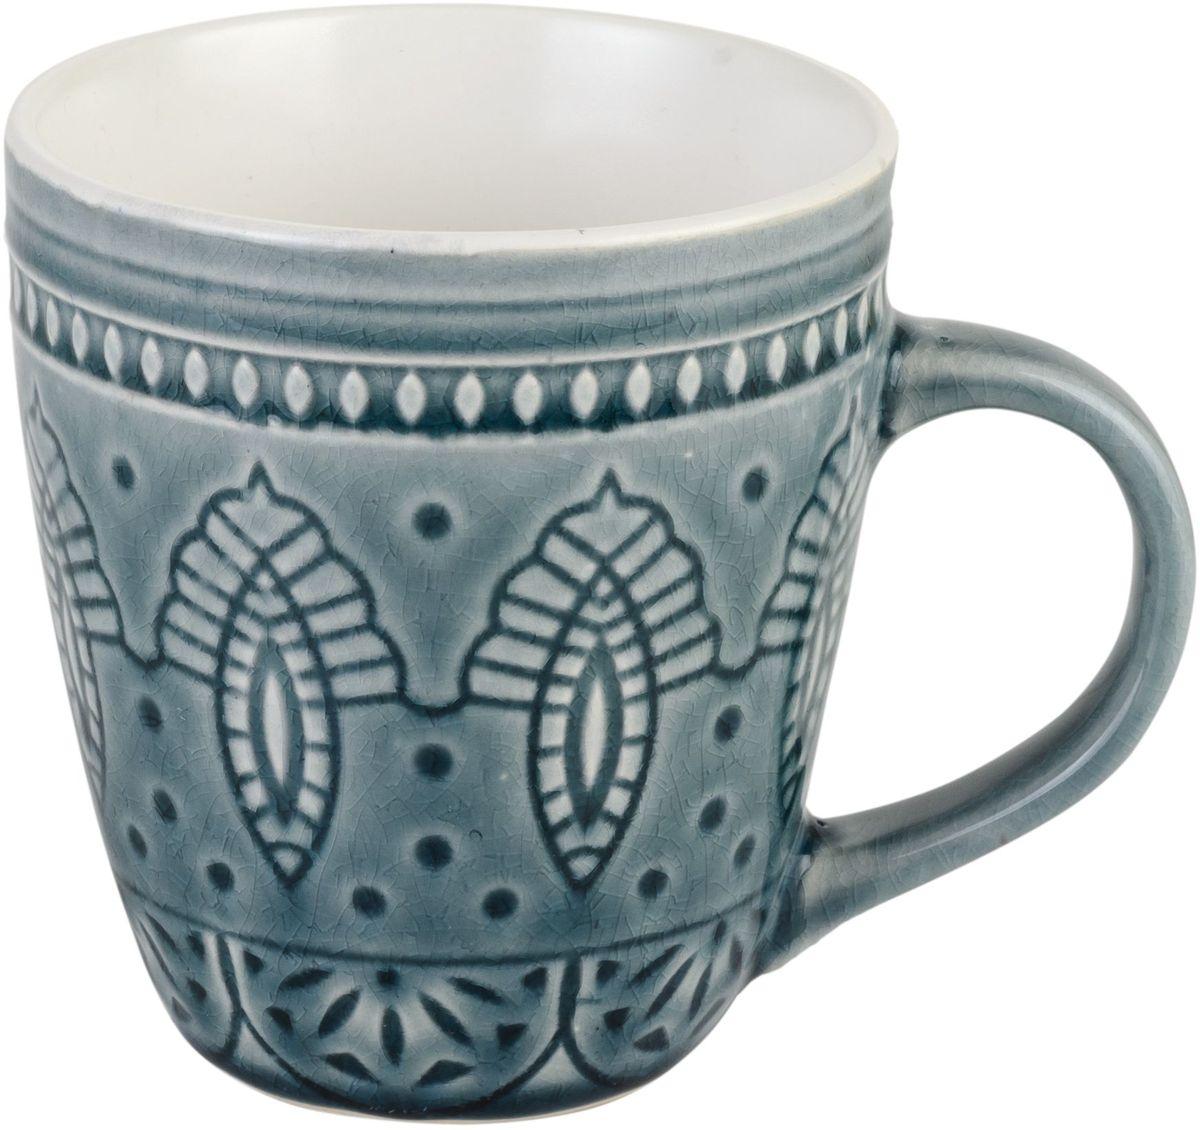 Набор кружек Tongo, цвет: серый винтаж, 350 мл, 6 штM-350g Tongo Набор кружекНабор Tongo состоит из 6 кружек, выполненных из керамики с глазурованным покрытием. Такой набор станет изысканным украшением стола к чаепитию и порадует вас и ваших гостей оригинальным дизайном и качеством исполнения. Он прекрасно подойдет в качестве подарка к любому случаю. Диаметр кружки (по верхнему краю): 9 см. Высота кружки: 10 см.